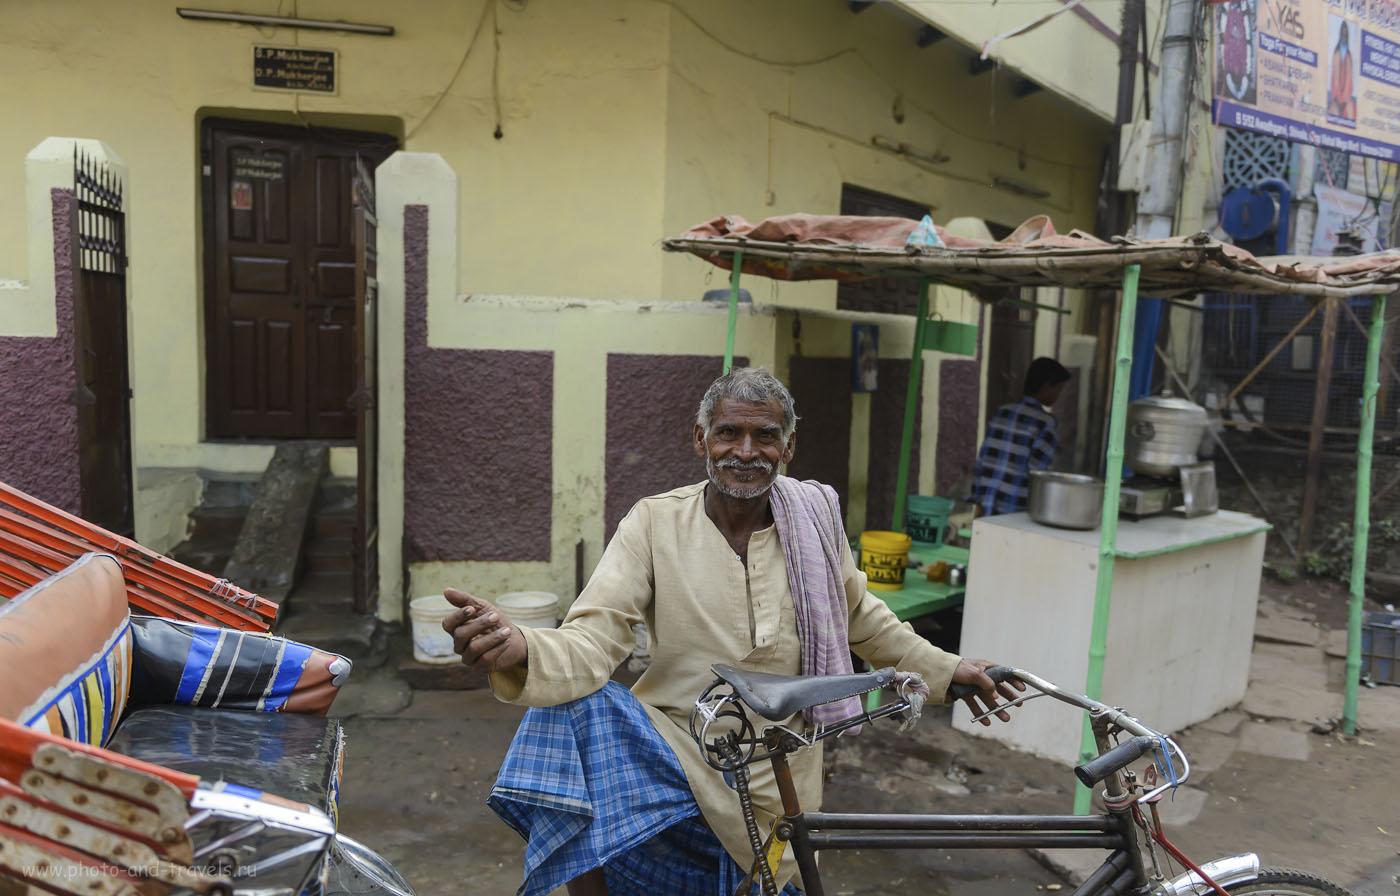 Фото 25. Благожелательный велорикша. Туры в Индию. 1/800, 2.8, 250, 28.